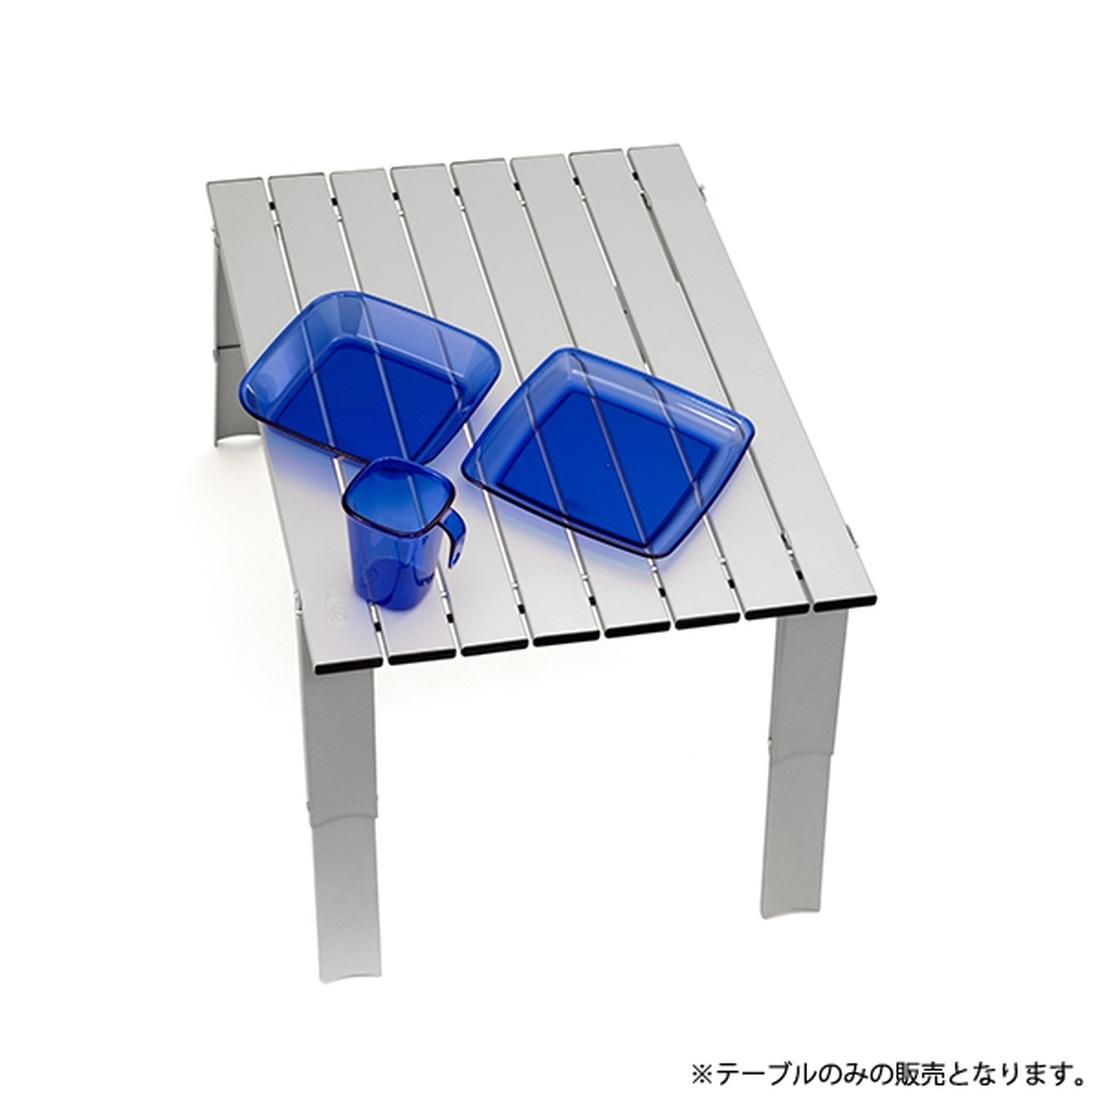 ジーアイエス マイクロテーブル ラージ アルミ  国内正規品